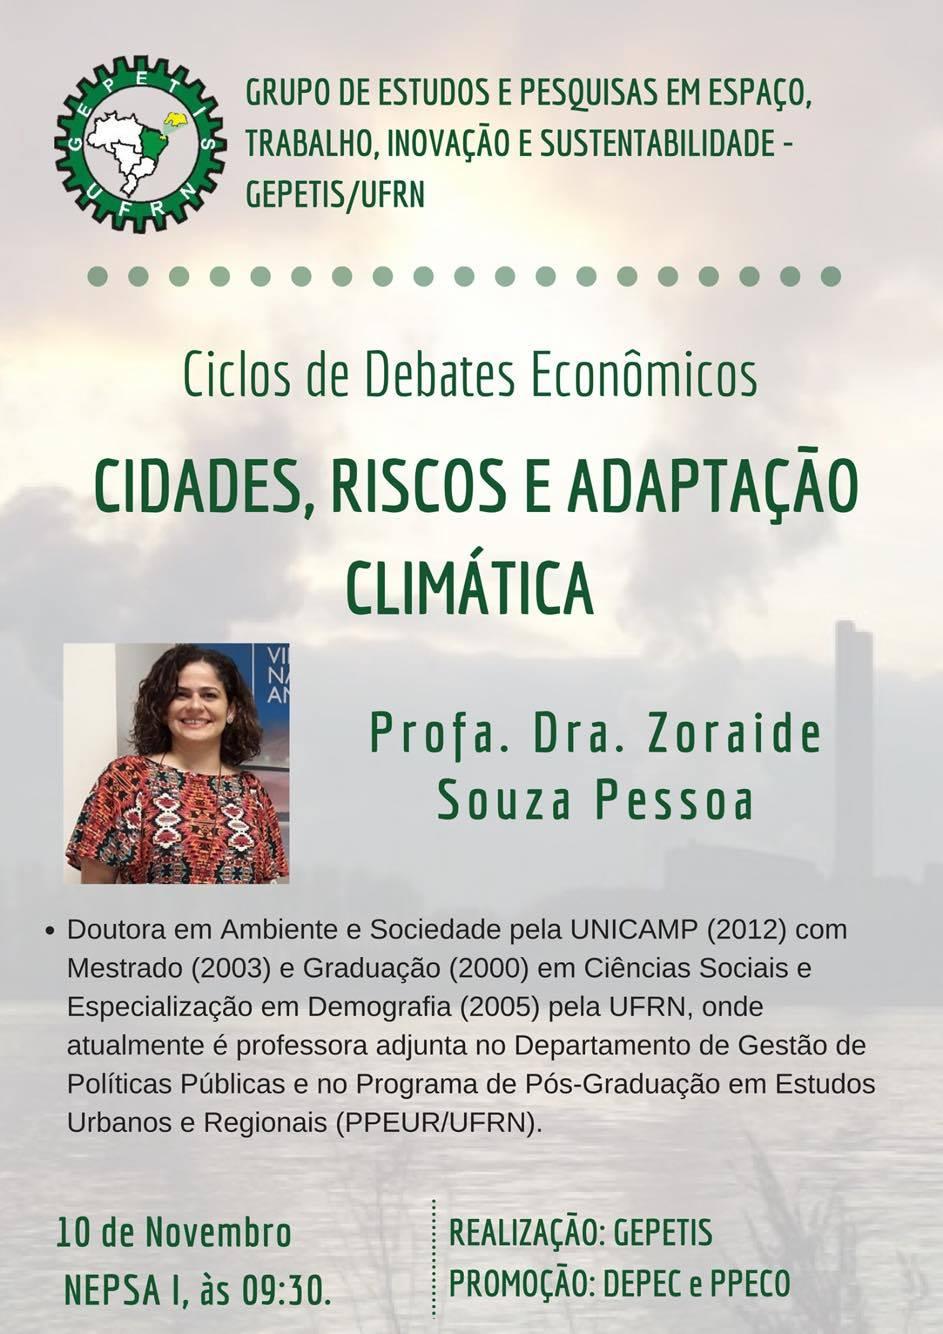 Ciclo De Debates Econômicos: Cidades, Riscos E Adaptação Climática